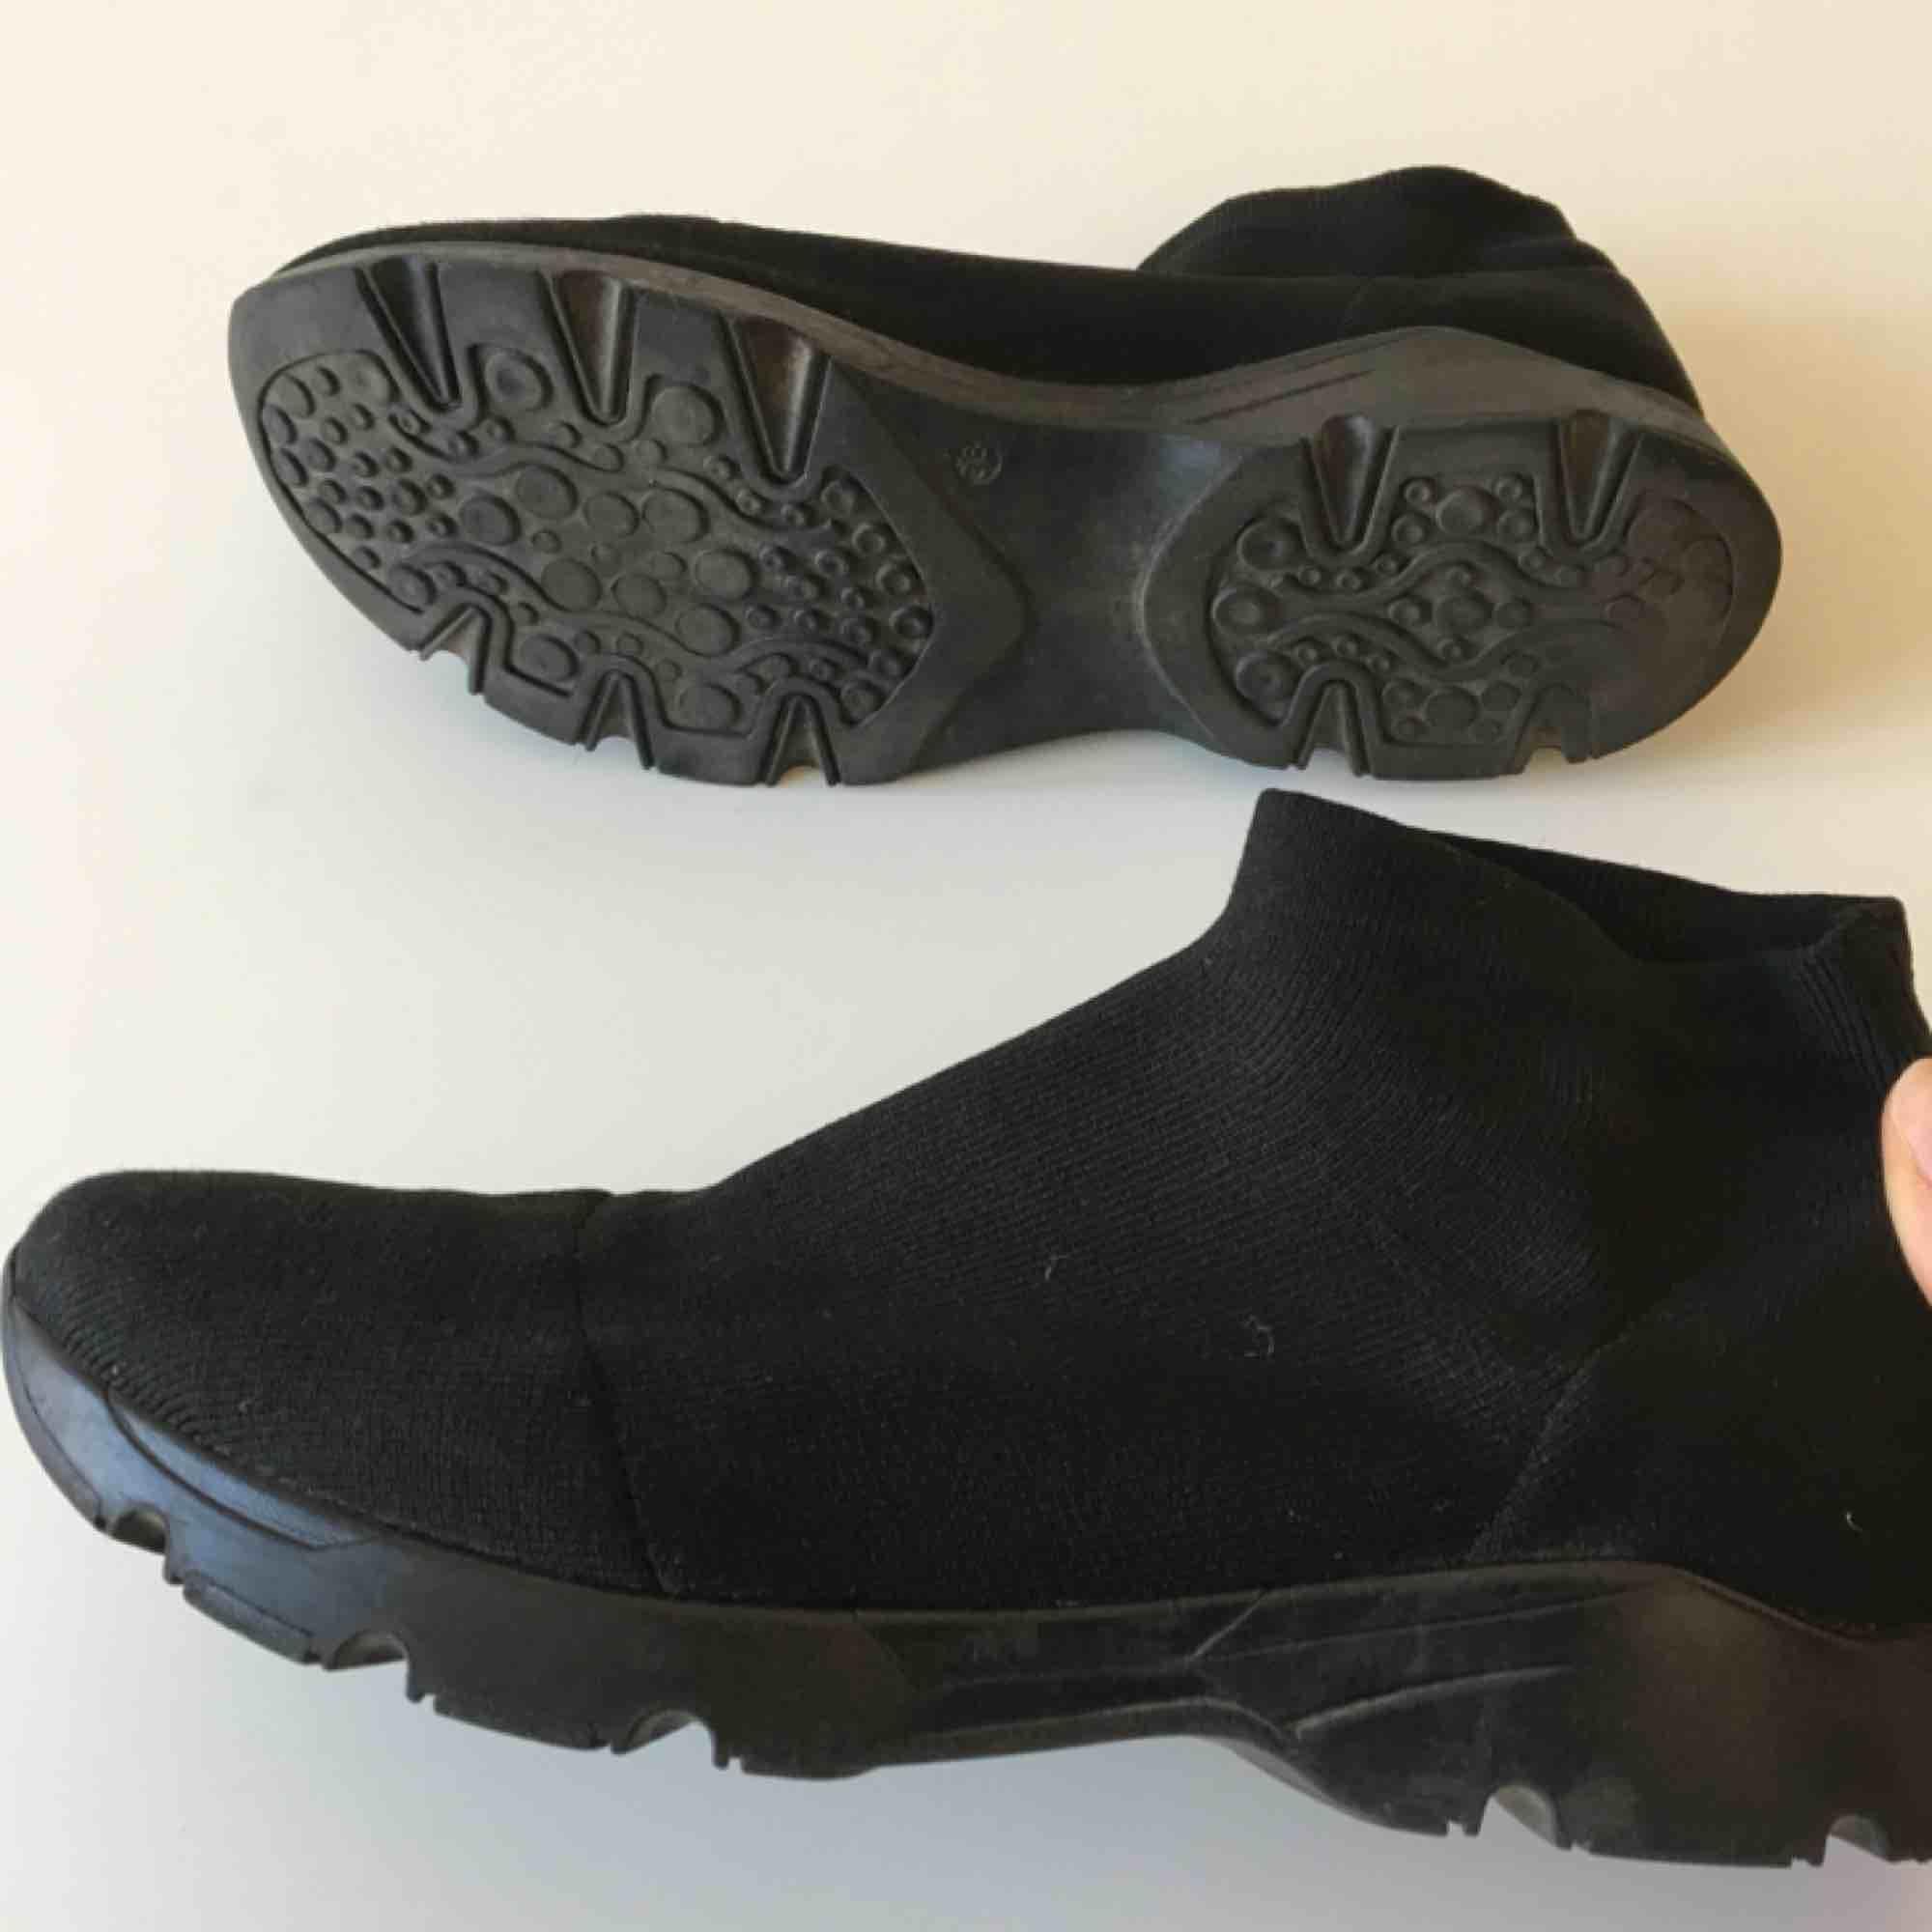 Säljer väldigt sköna sock sneakers från MM6 / Maison Marigela i stl 38. Googla, MM6 sock knit sneaker, för att se fler bilder! . Skor.